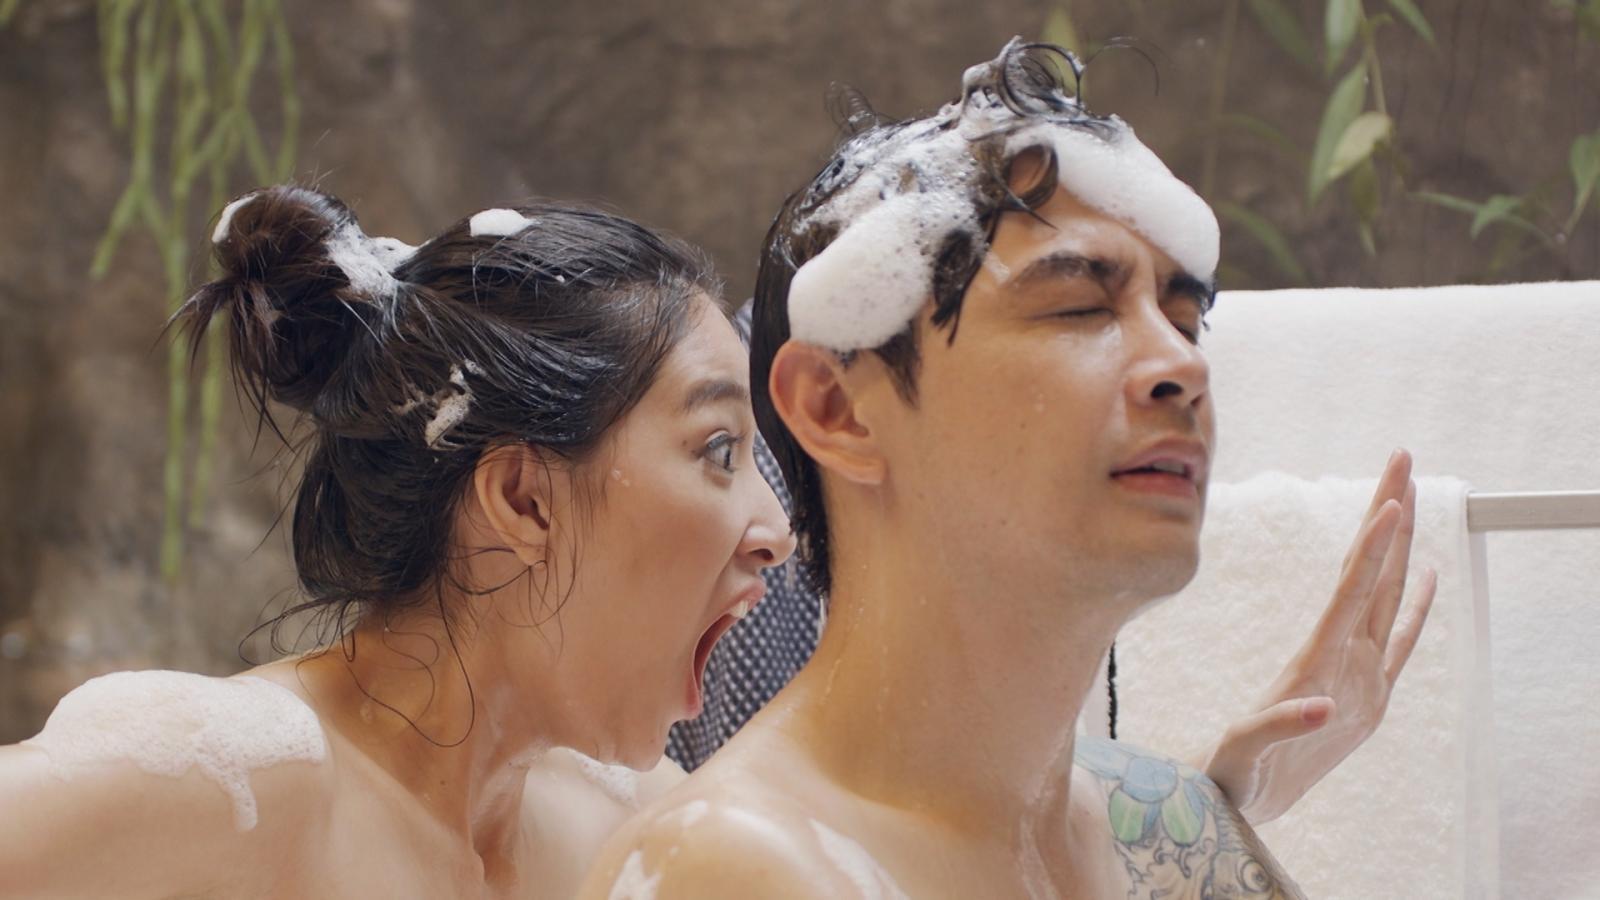 กลับไปสู่วันฝัน EP.12 | ฟินสุด | อาบน้ำกับแฟน แต่แหวนดันหลุด! | PPTV HD 36